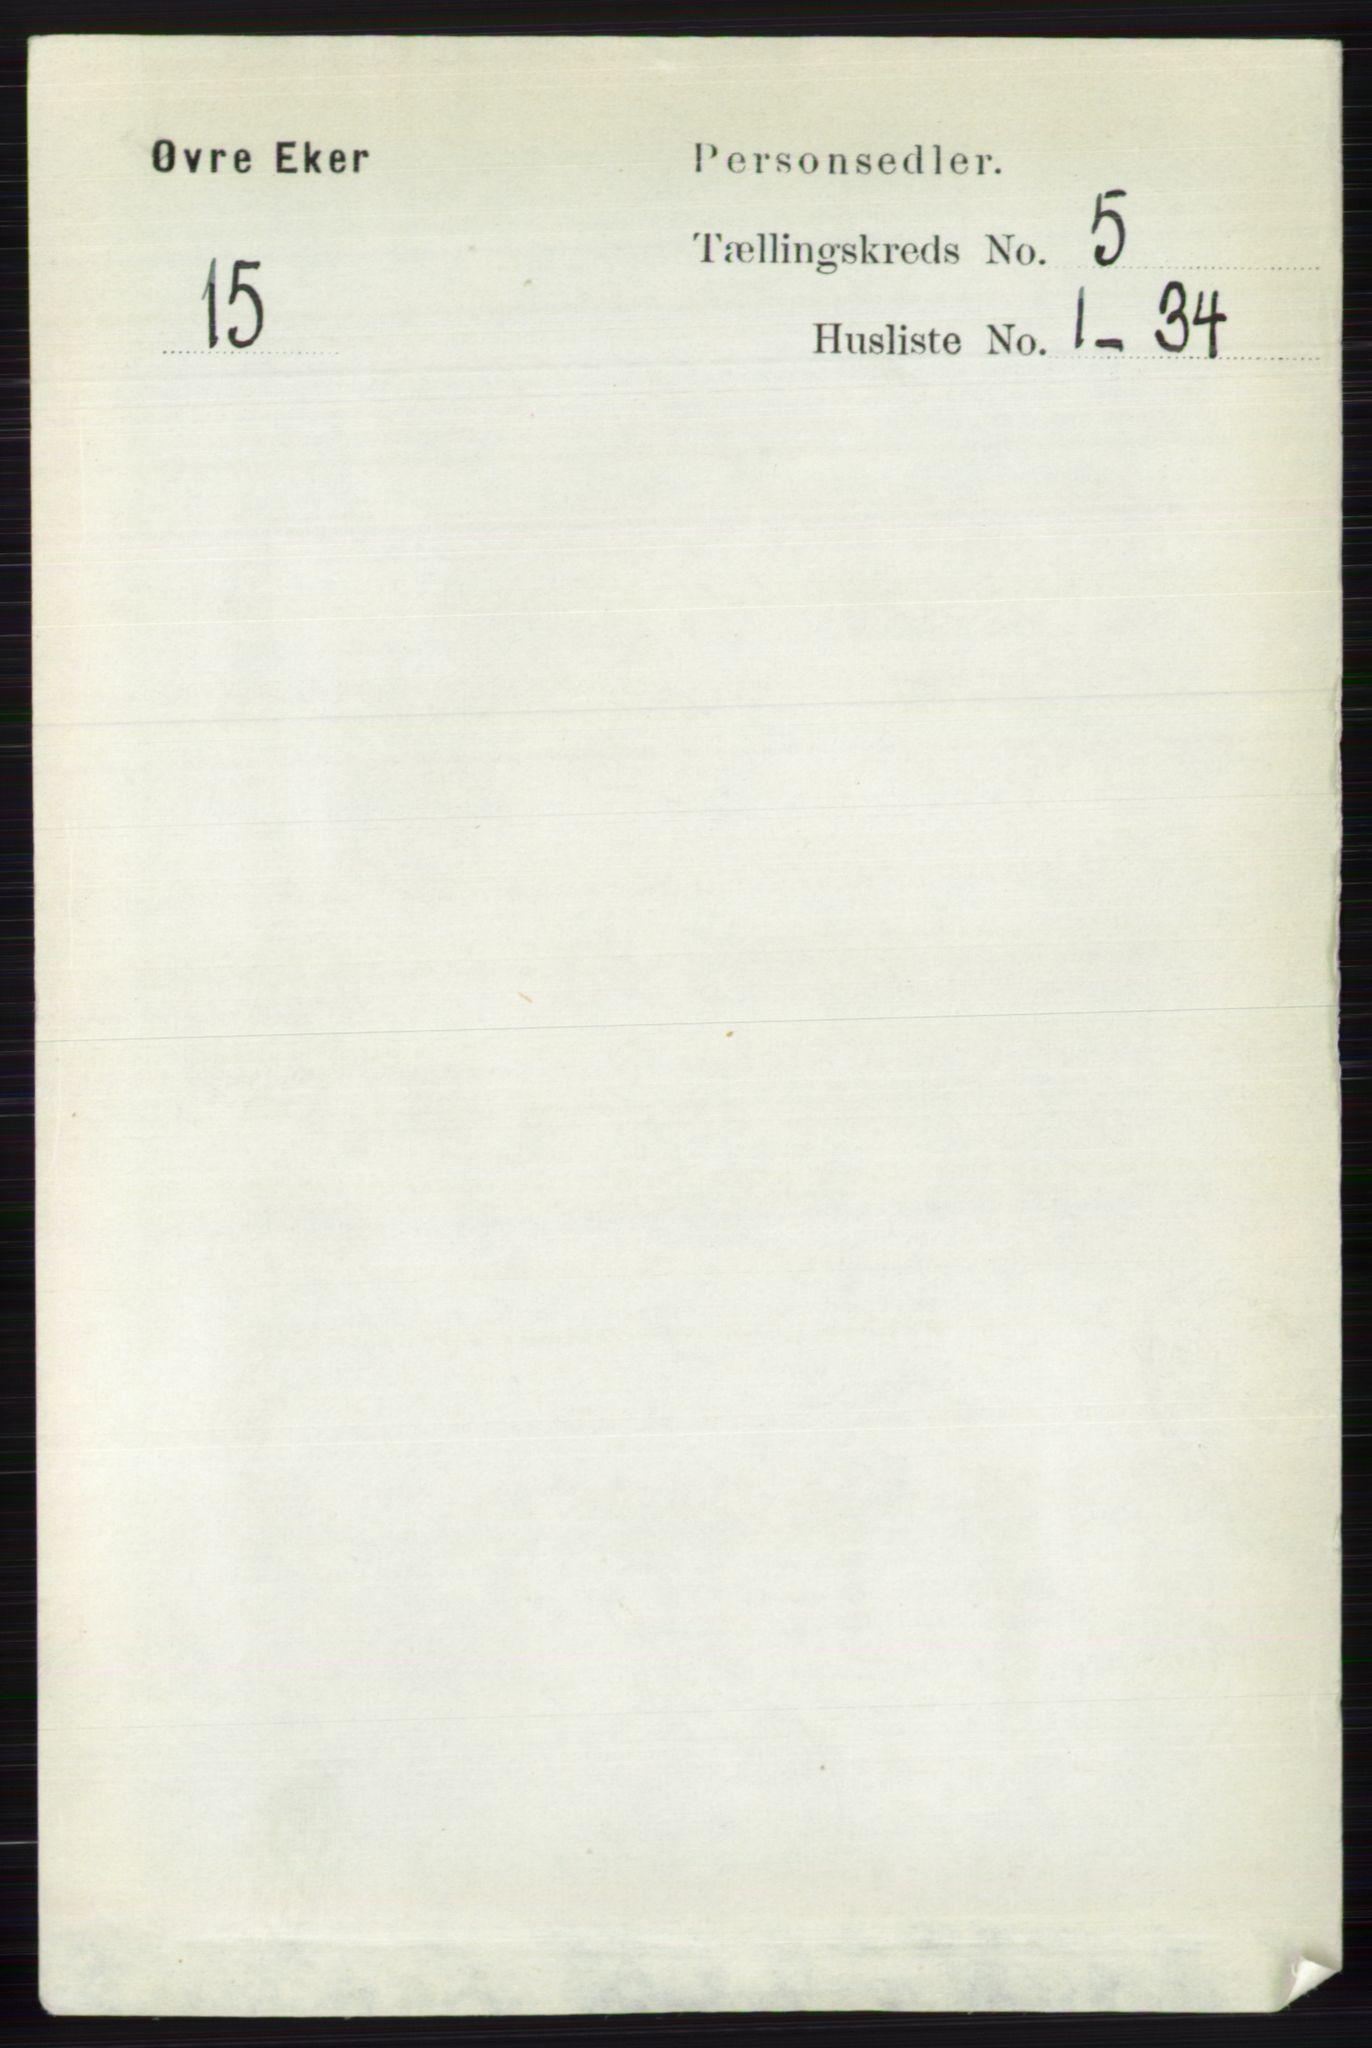 RA, Folketelling 1891 for 0624 Øvre Eiker herred, 1891, s. 1830